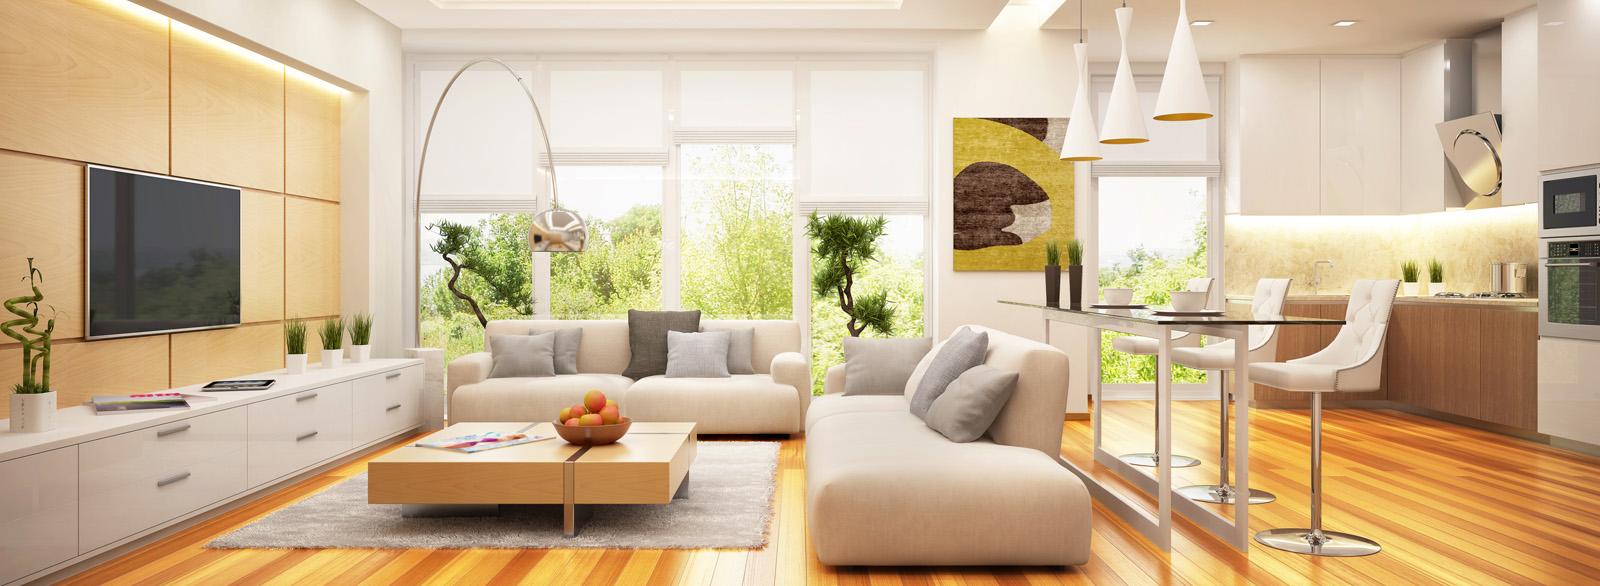 Dise o espacios experto dise o interiores dsigno for Diseno de interiores en 3d